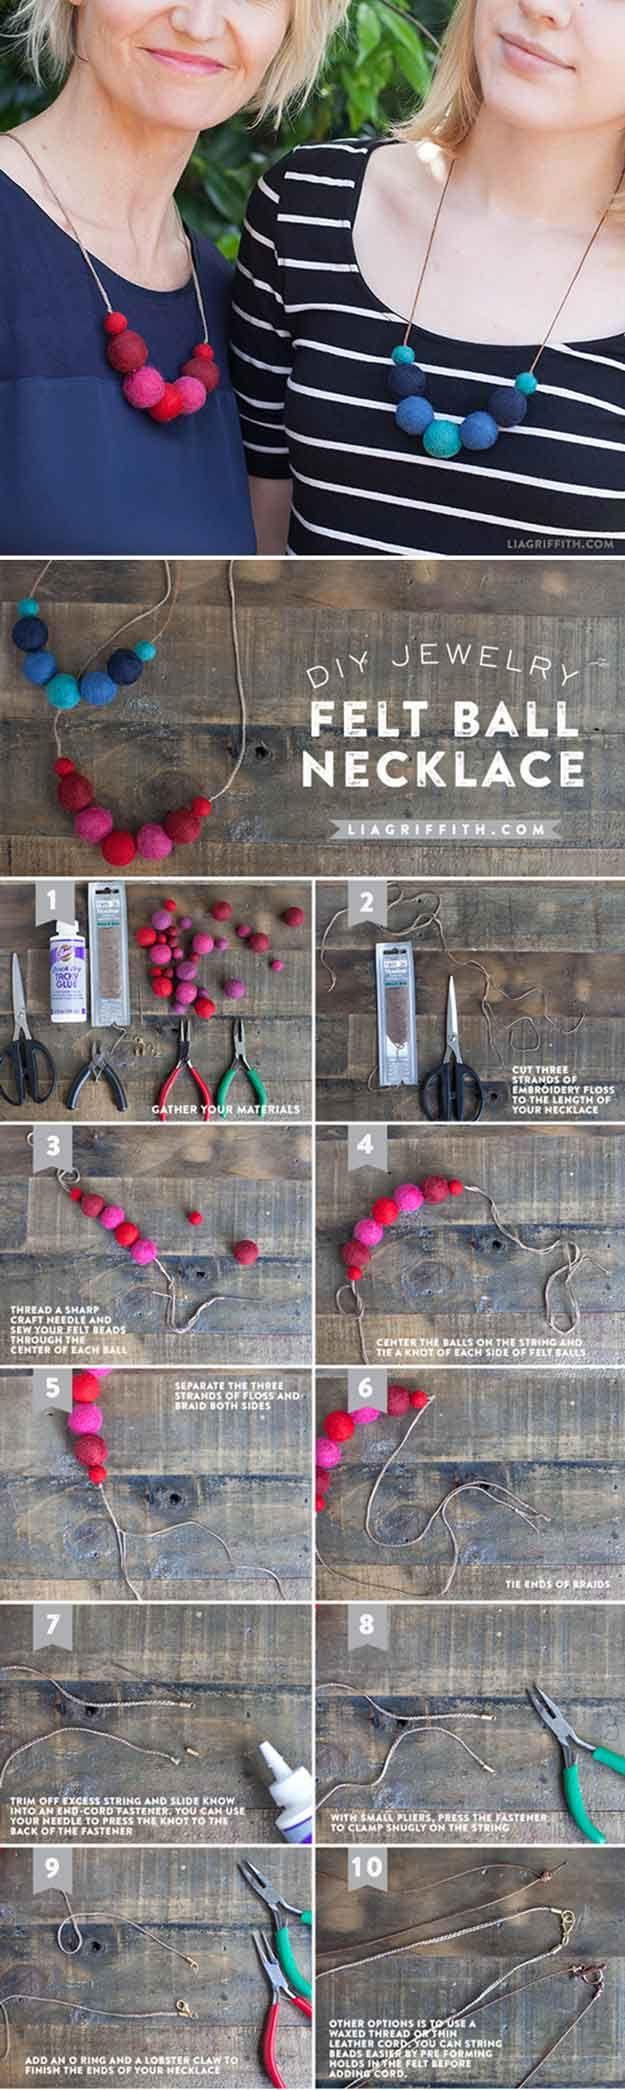 Barato y fácil de bricolaje manualidades para fabricar y vender   http: //artesaniasdebricolaje.ru/18-more-easy-crafts-to-make-and-sell/